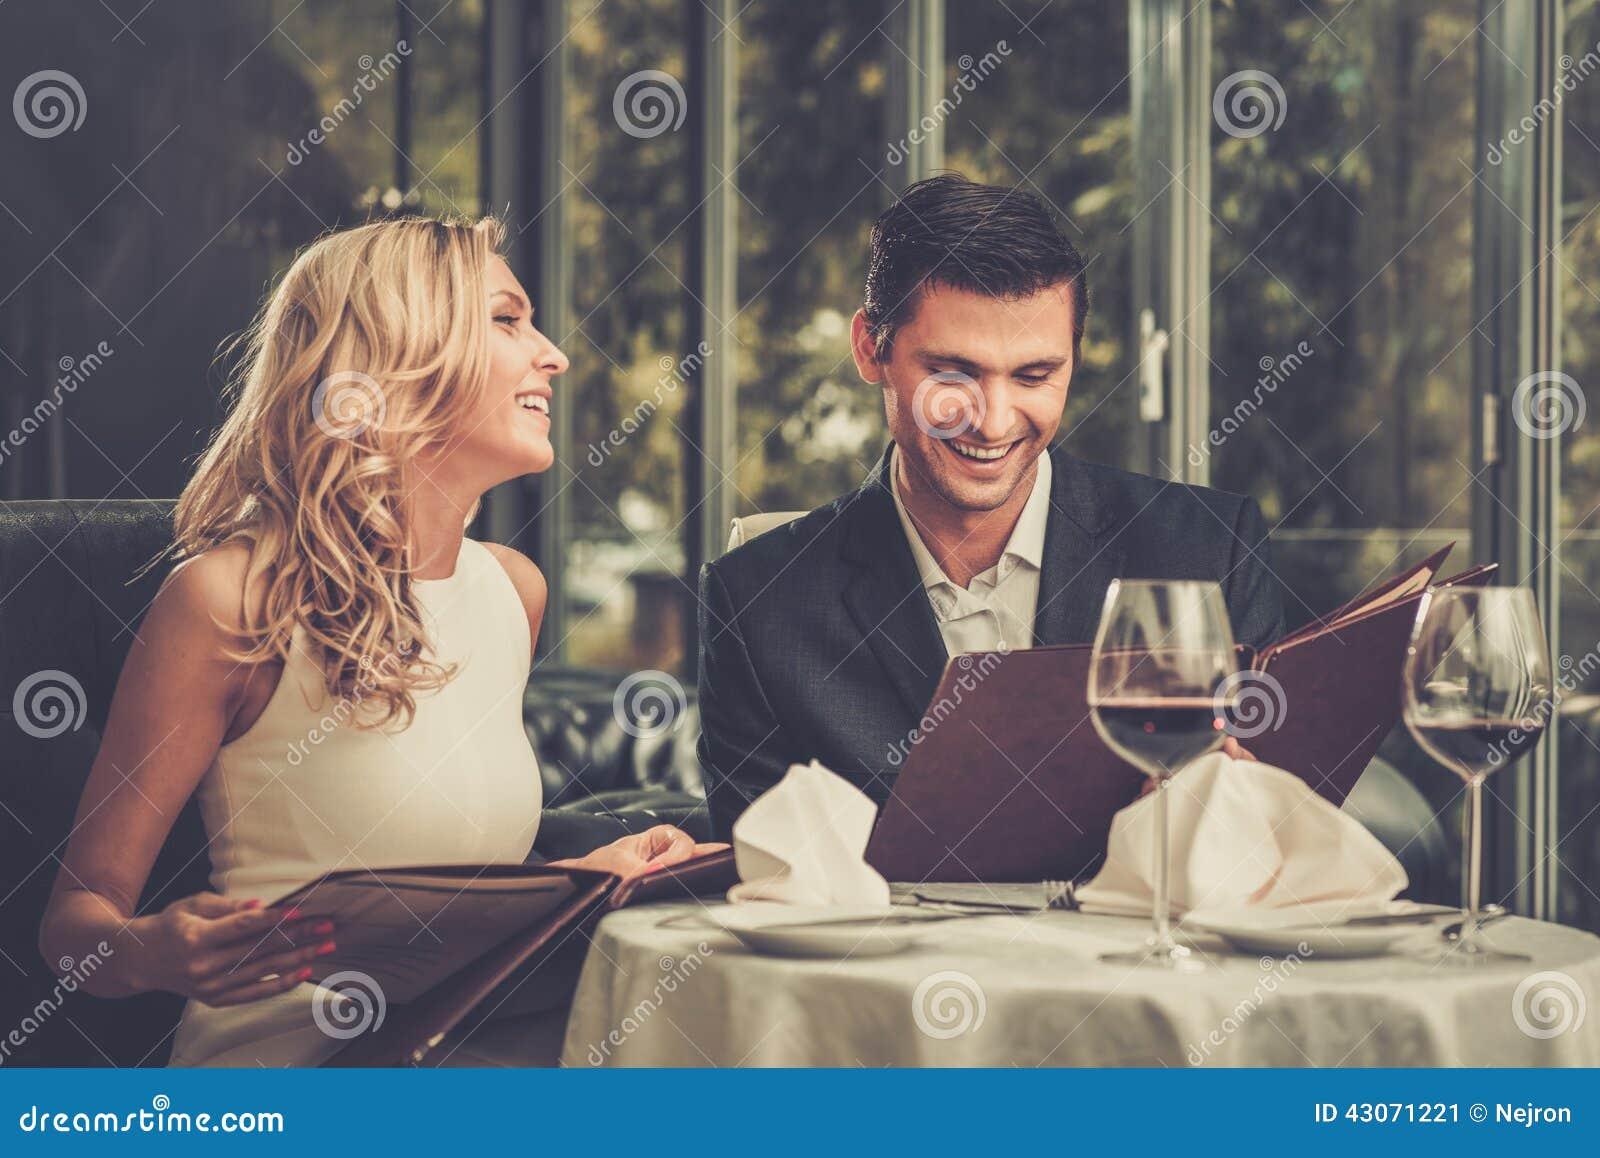 夫妇在餐馆